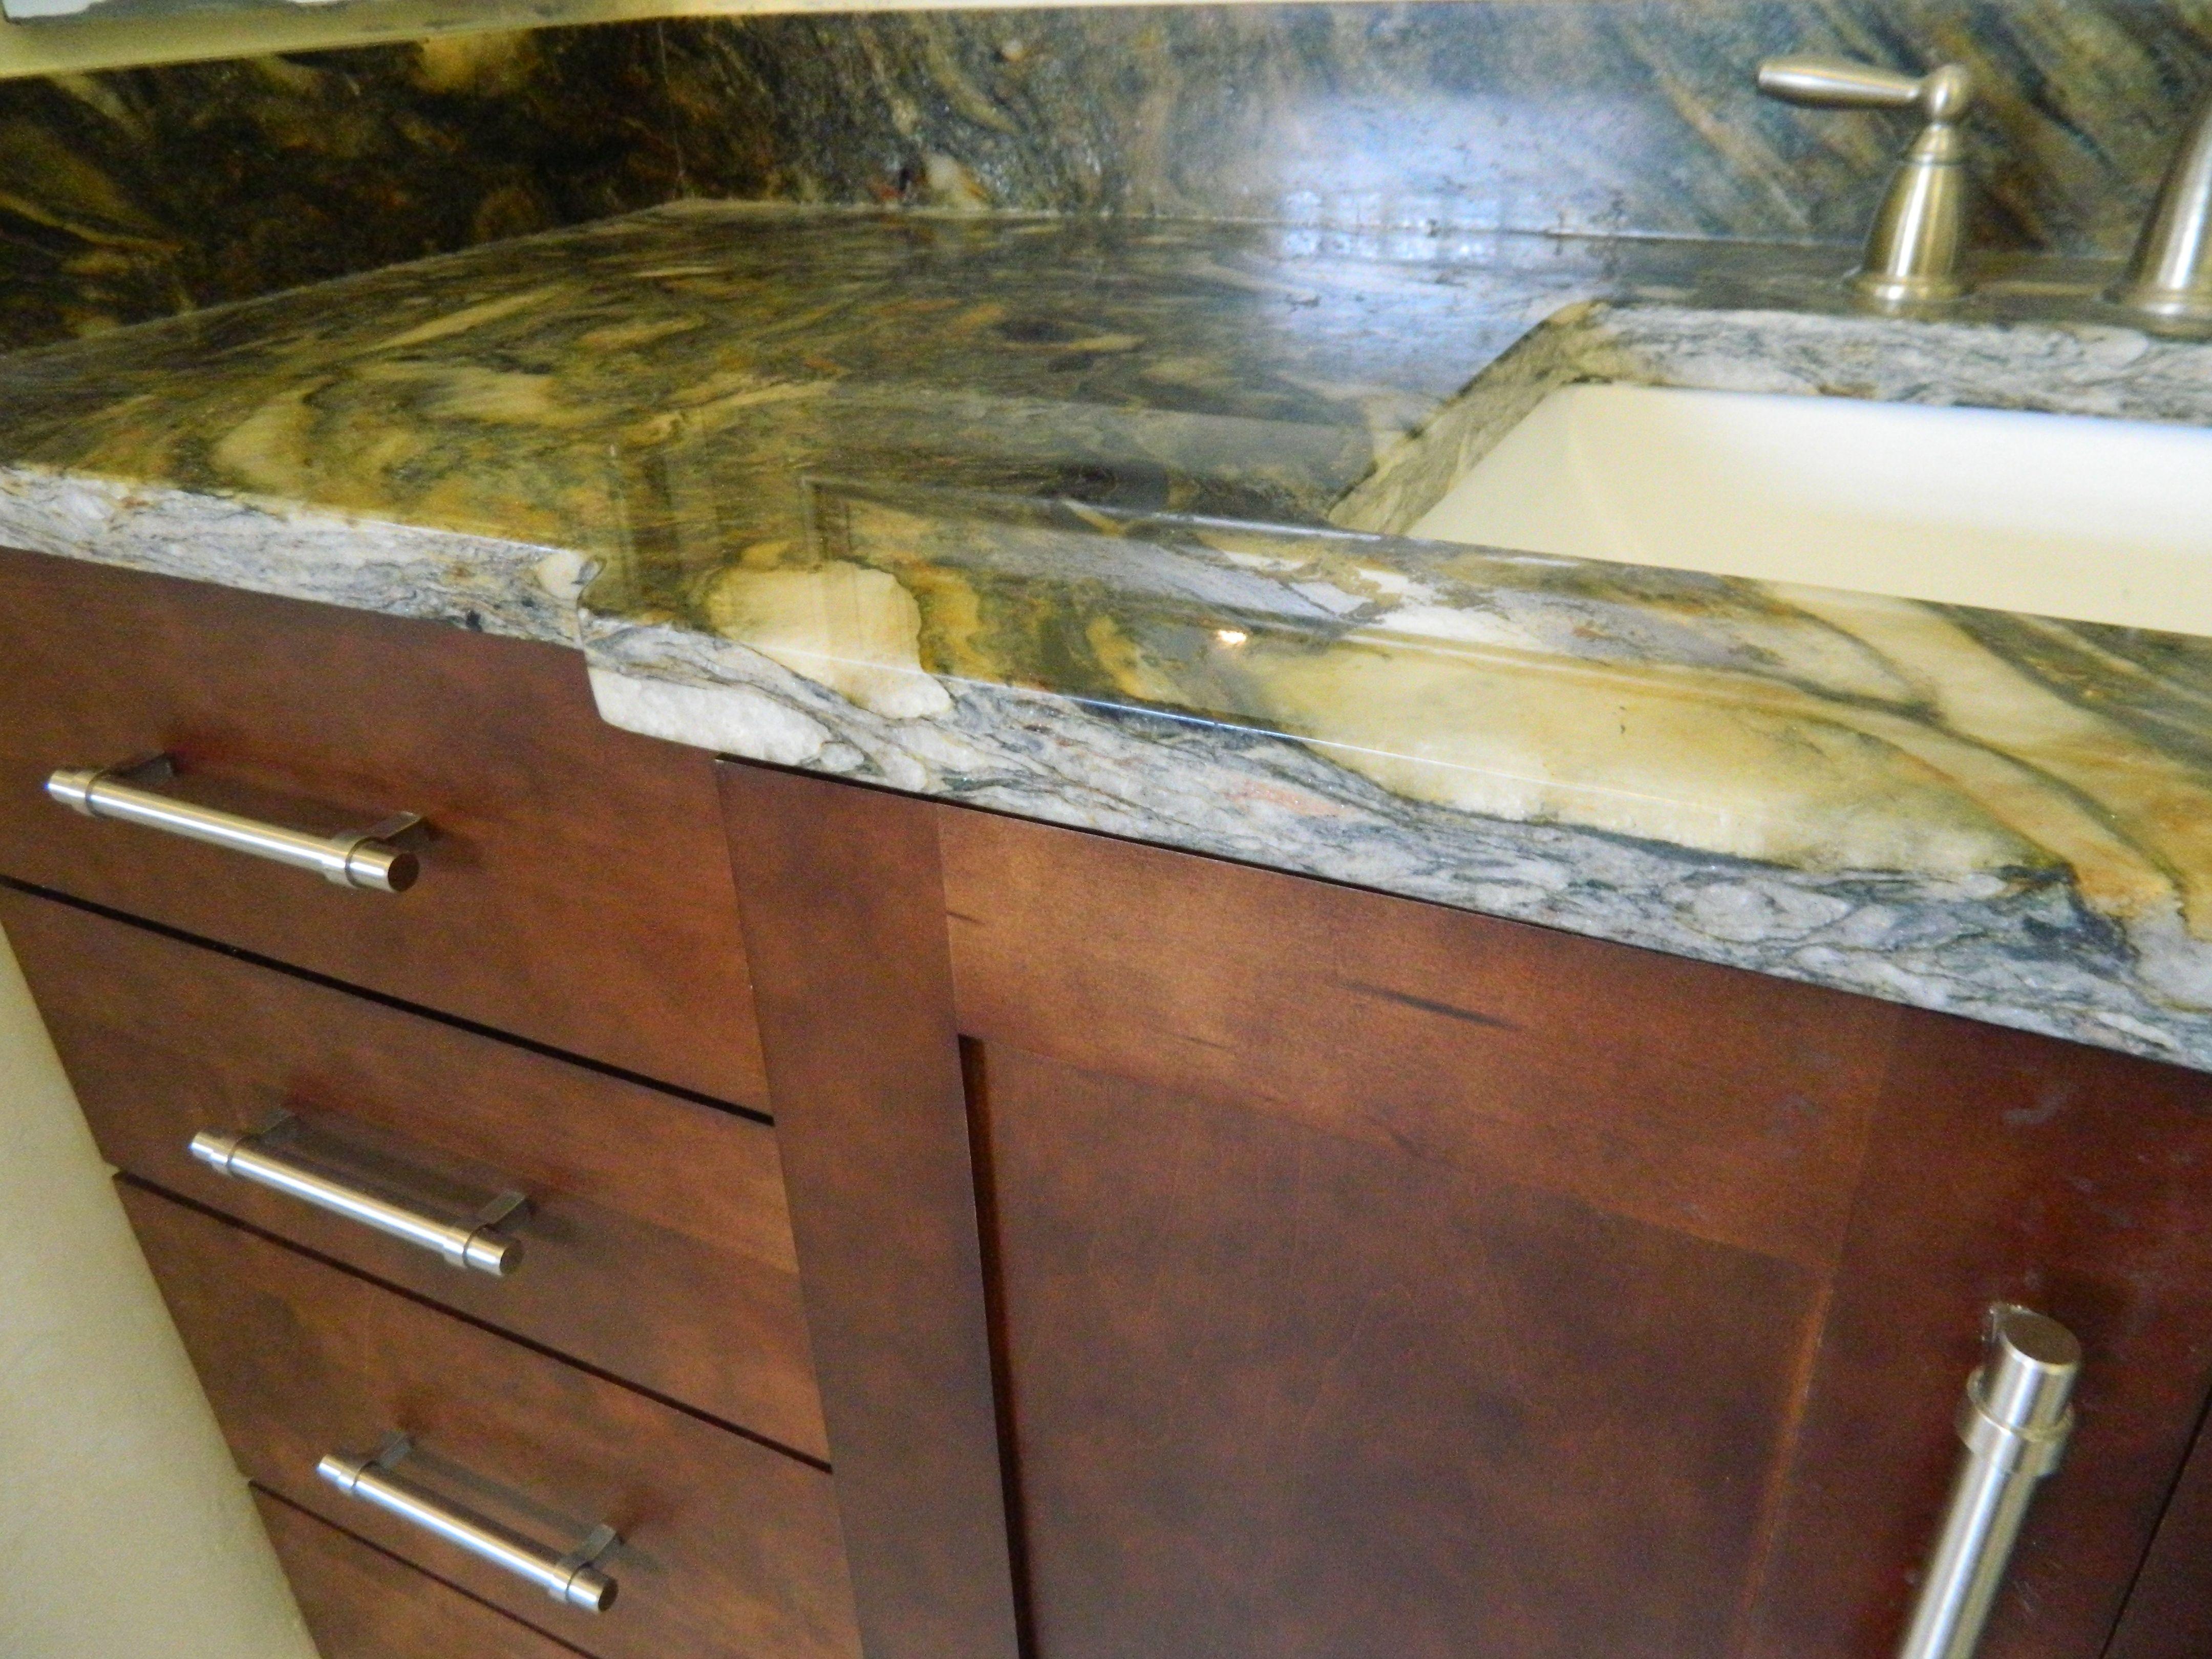 #countertops #vanity #edge #cabinets #handles